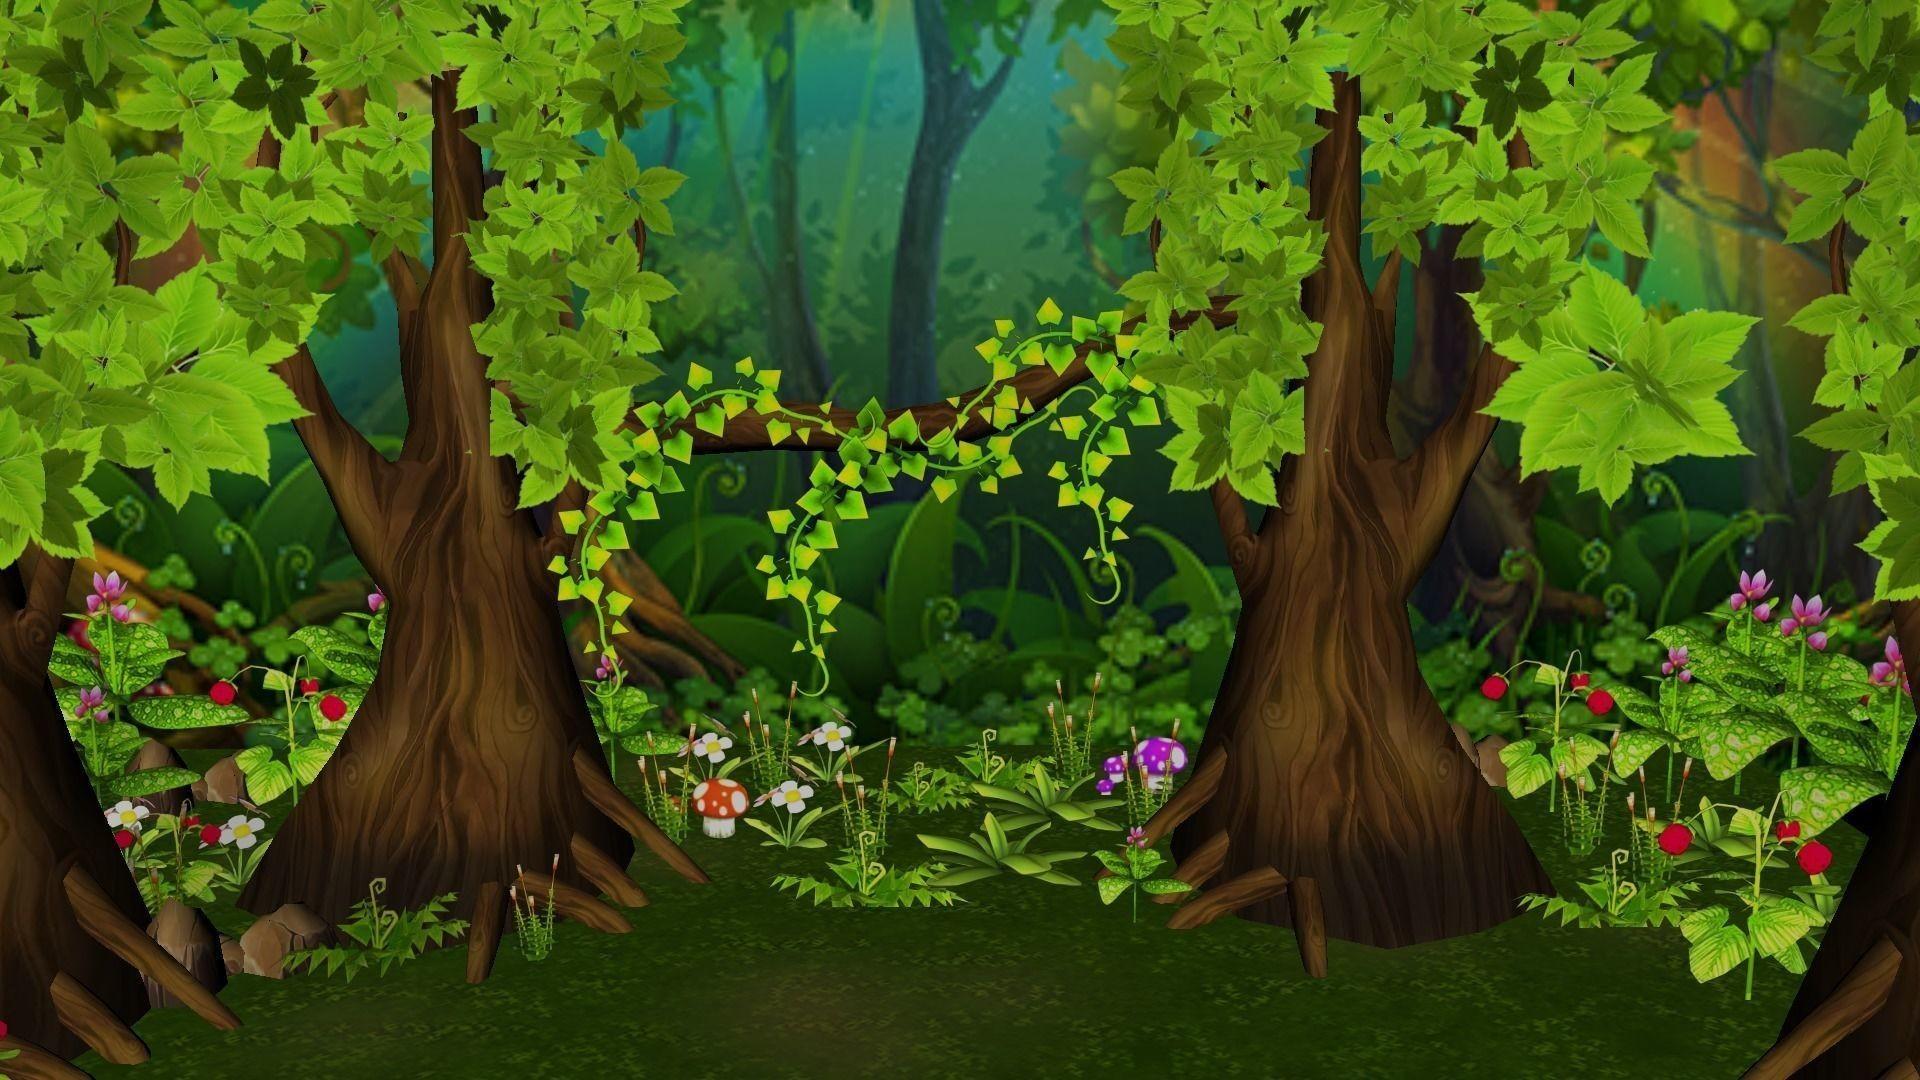 Картинка сказочный лес для презентации